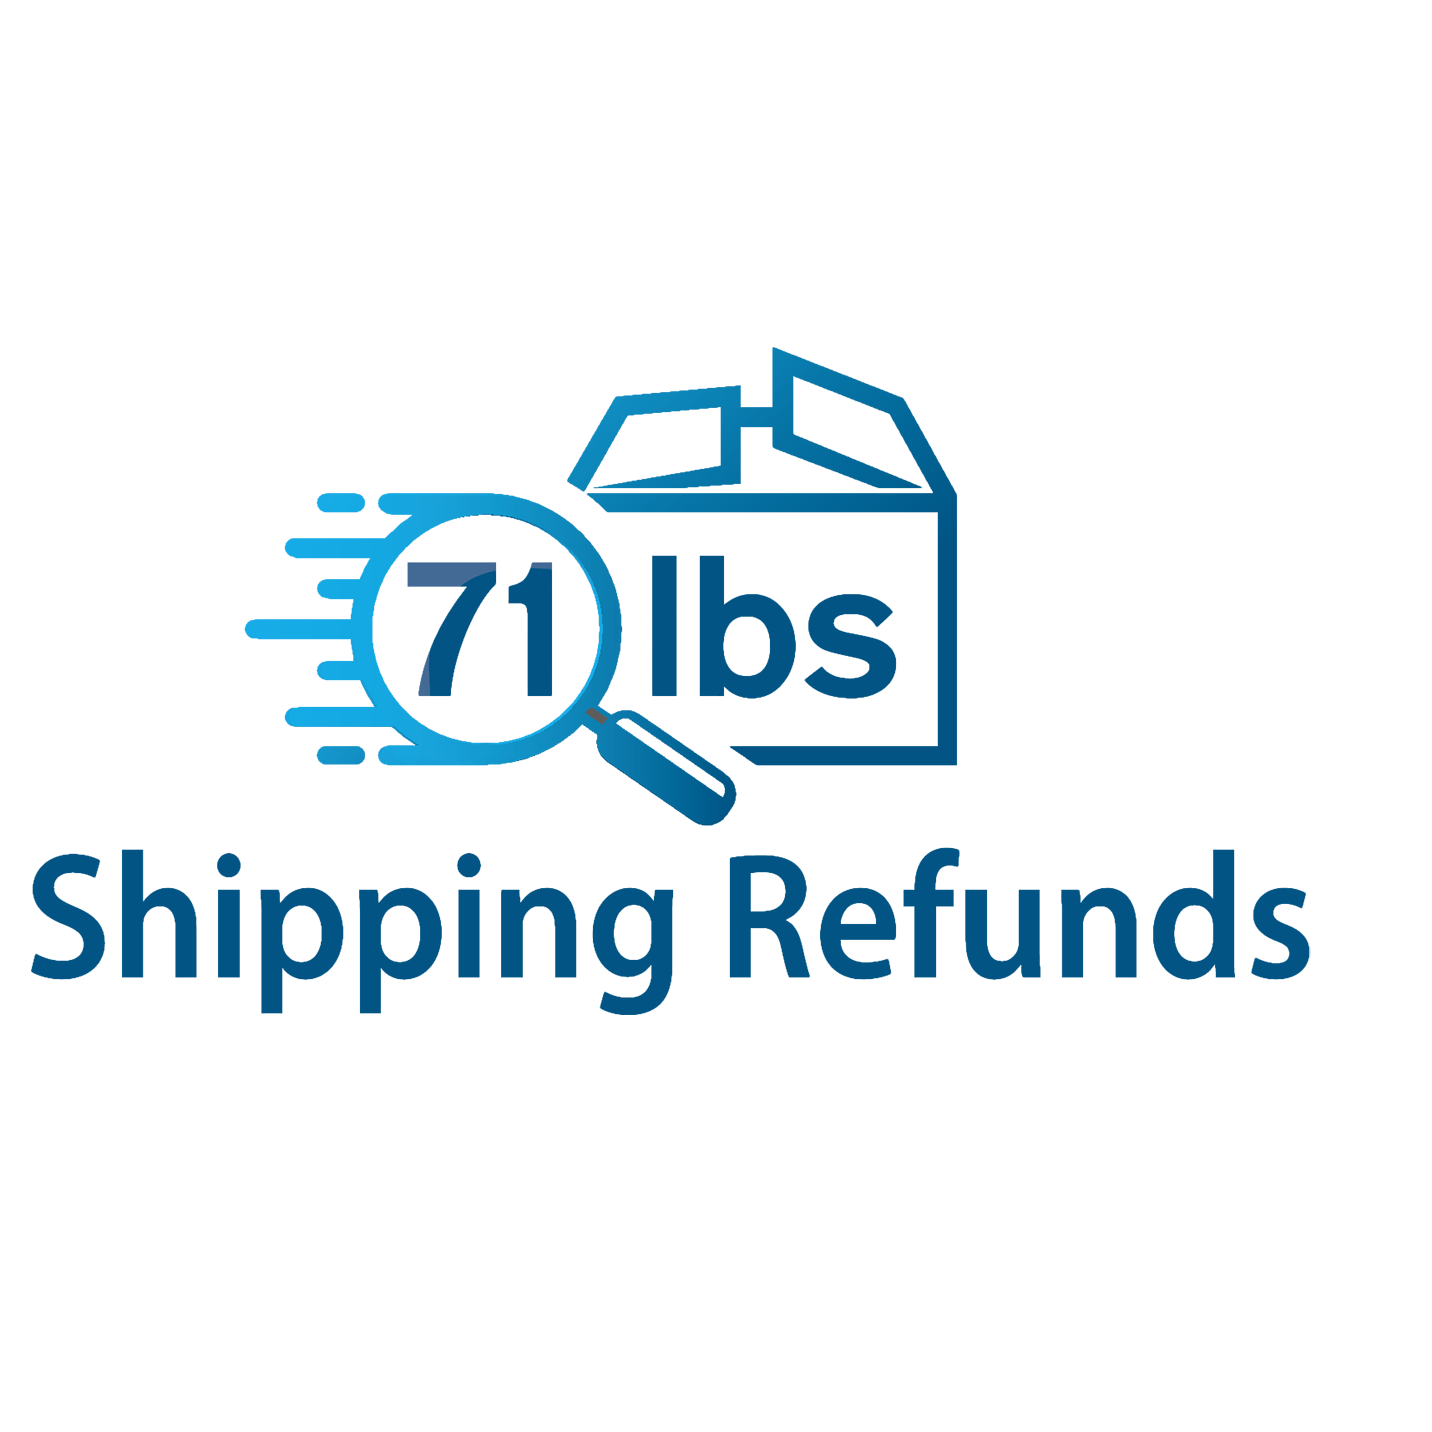 71lbs logo